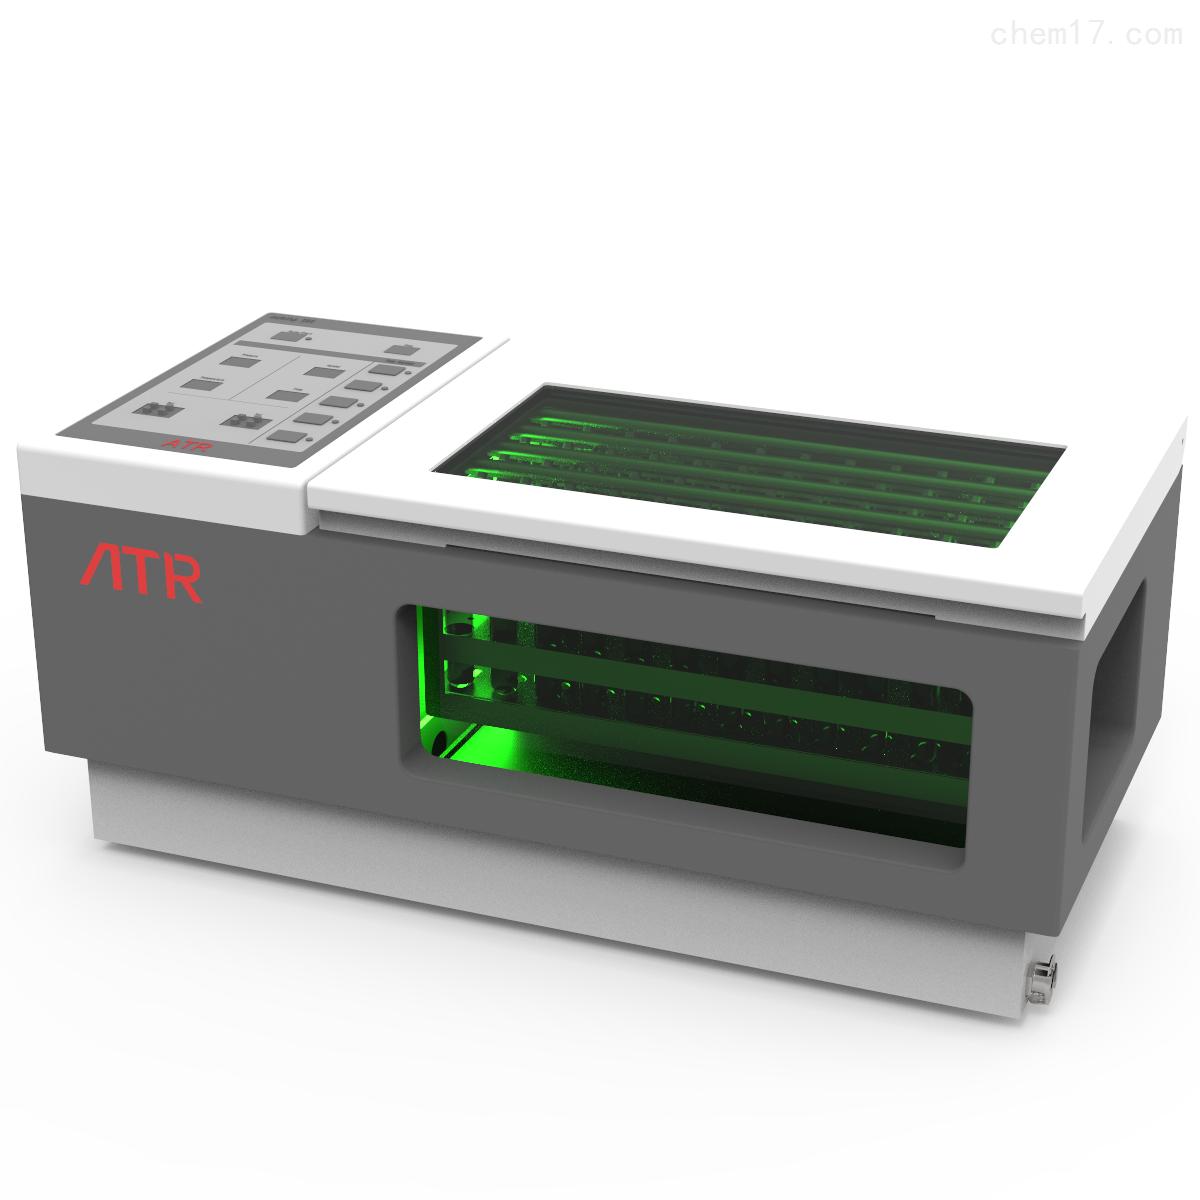 ATR 多样品全自动浓缩仪